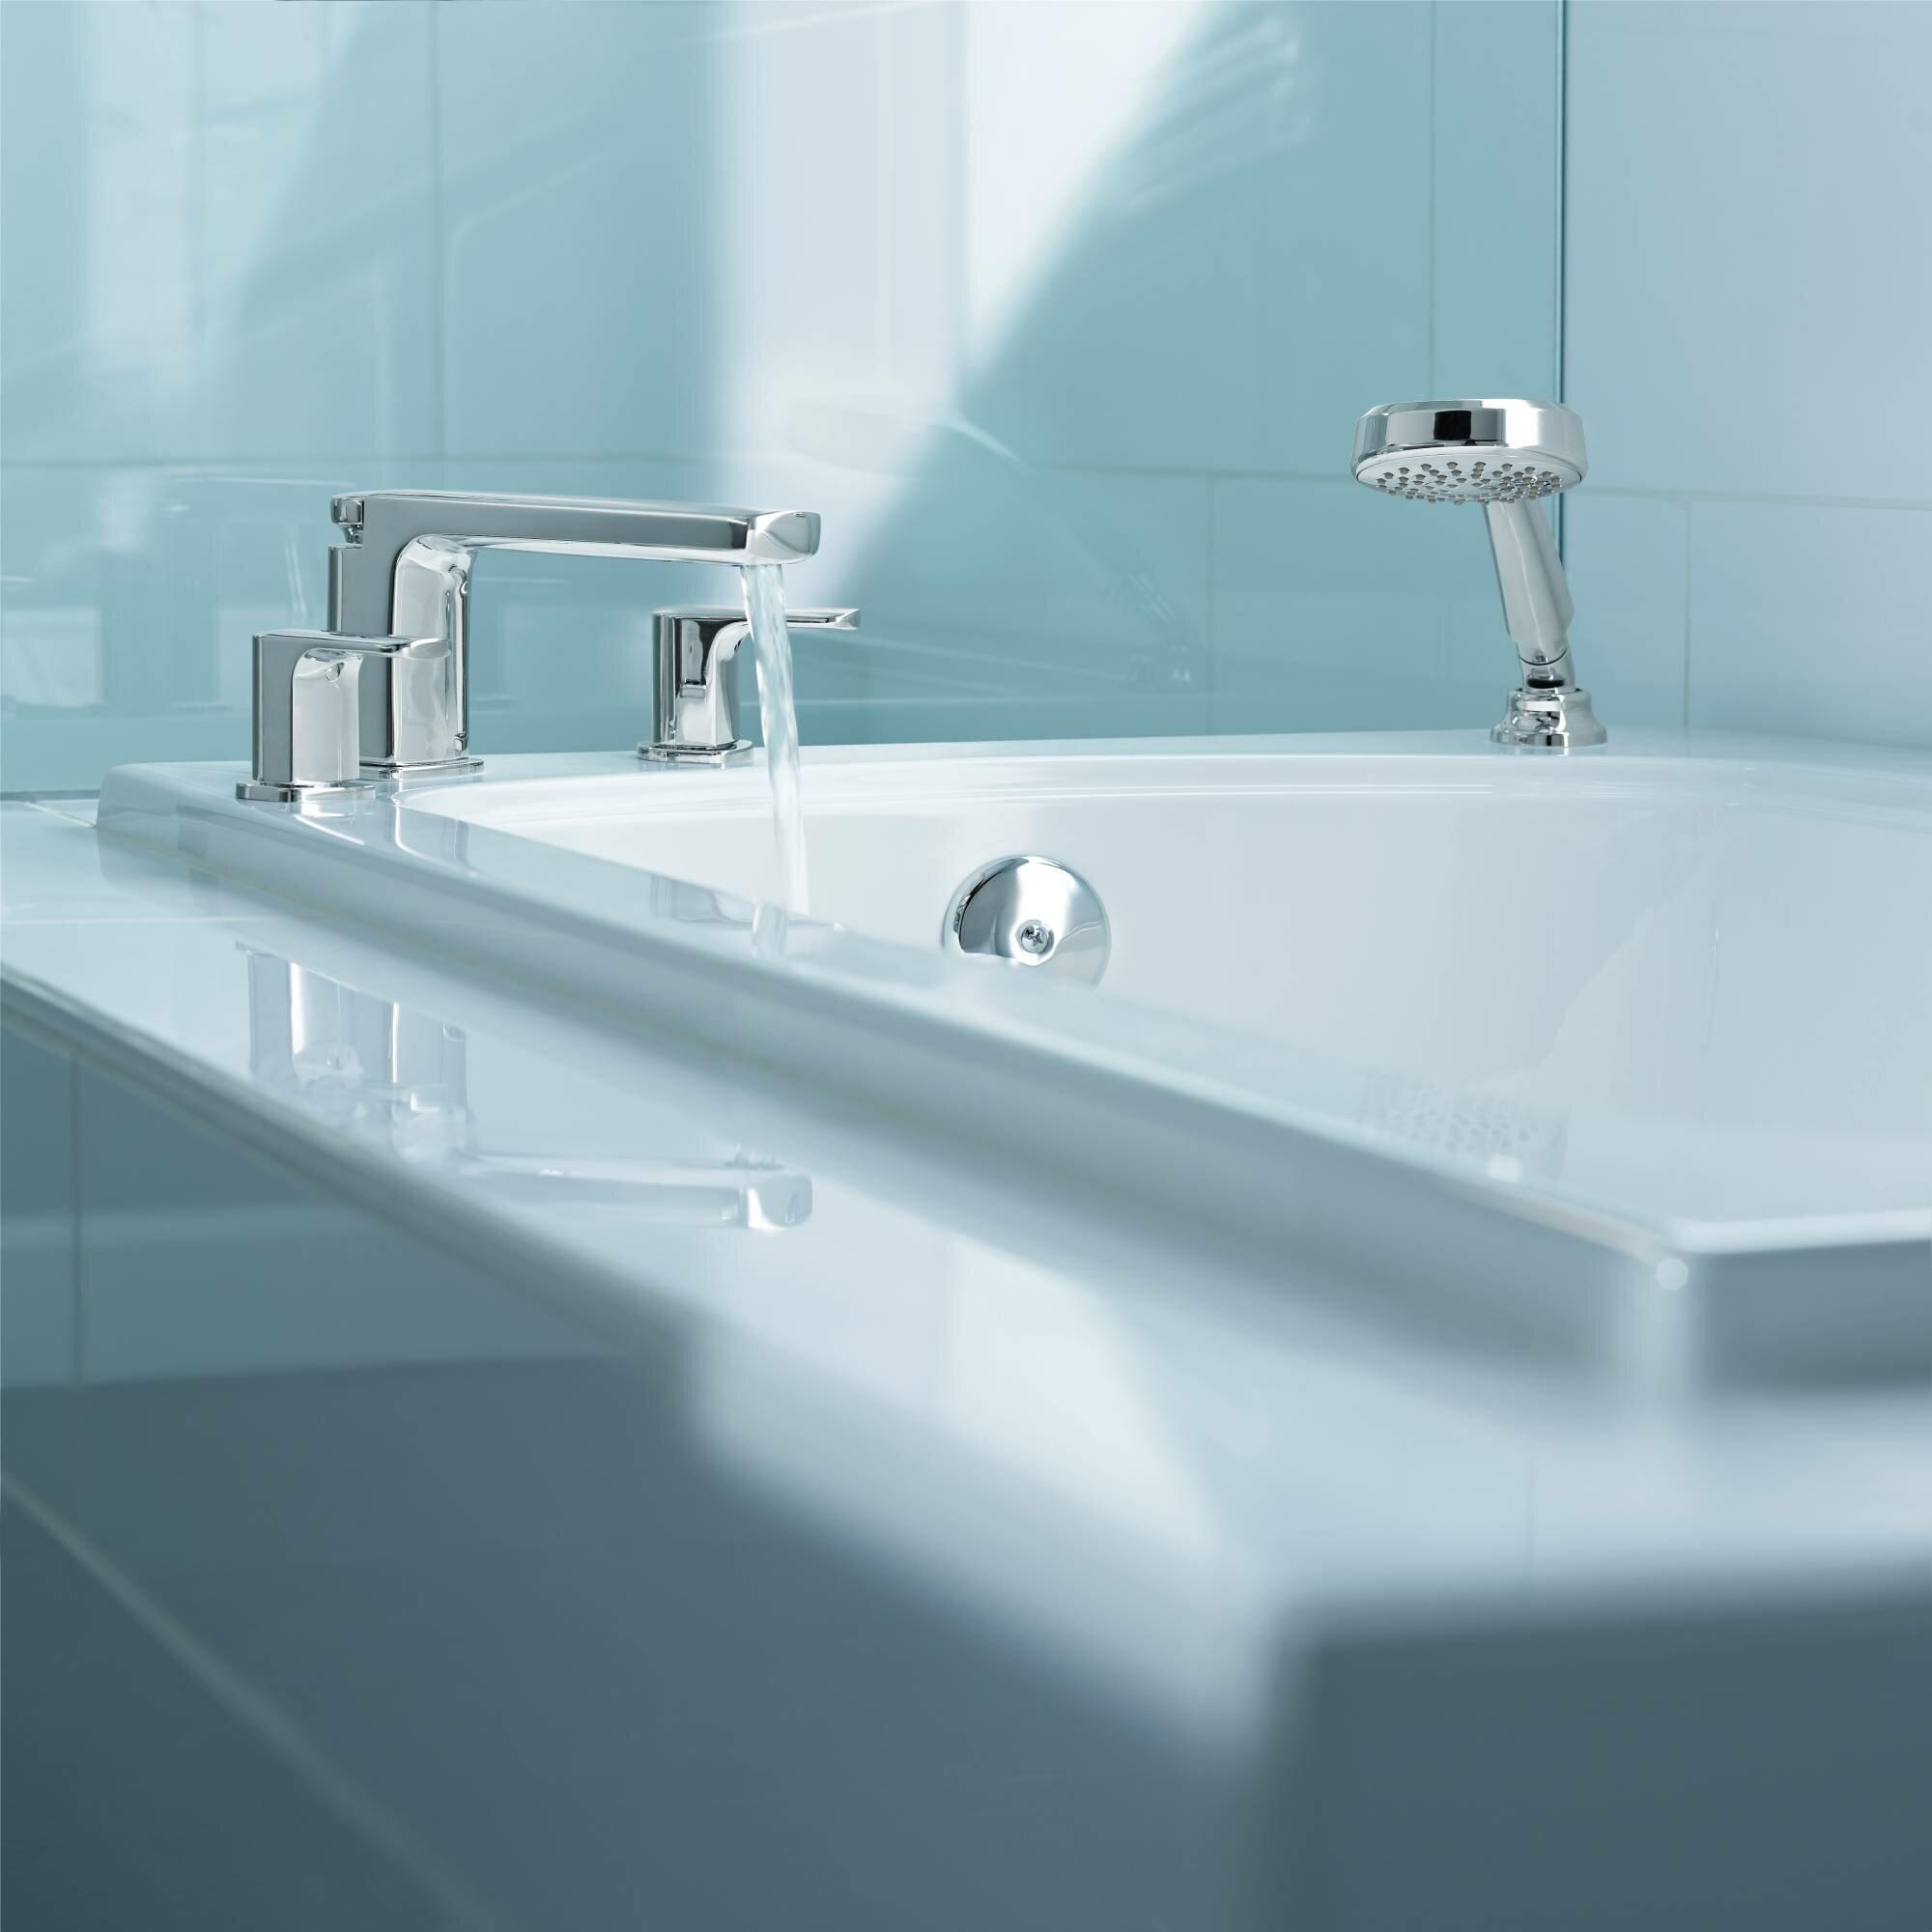 Details About Moen Rizon Double Handle Deck Mount Tub Faucet Trim With Hand Shower